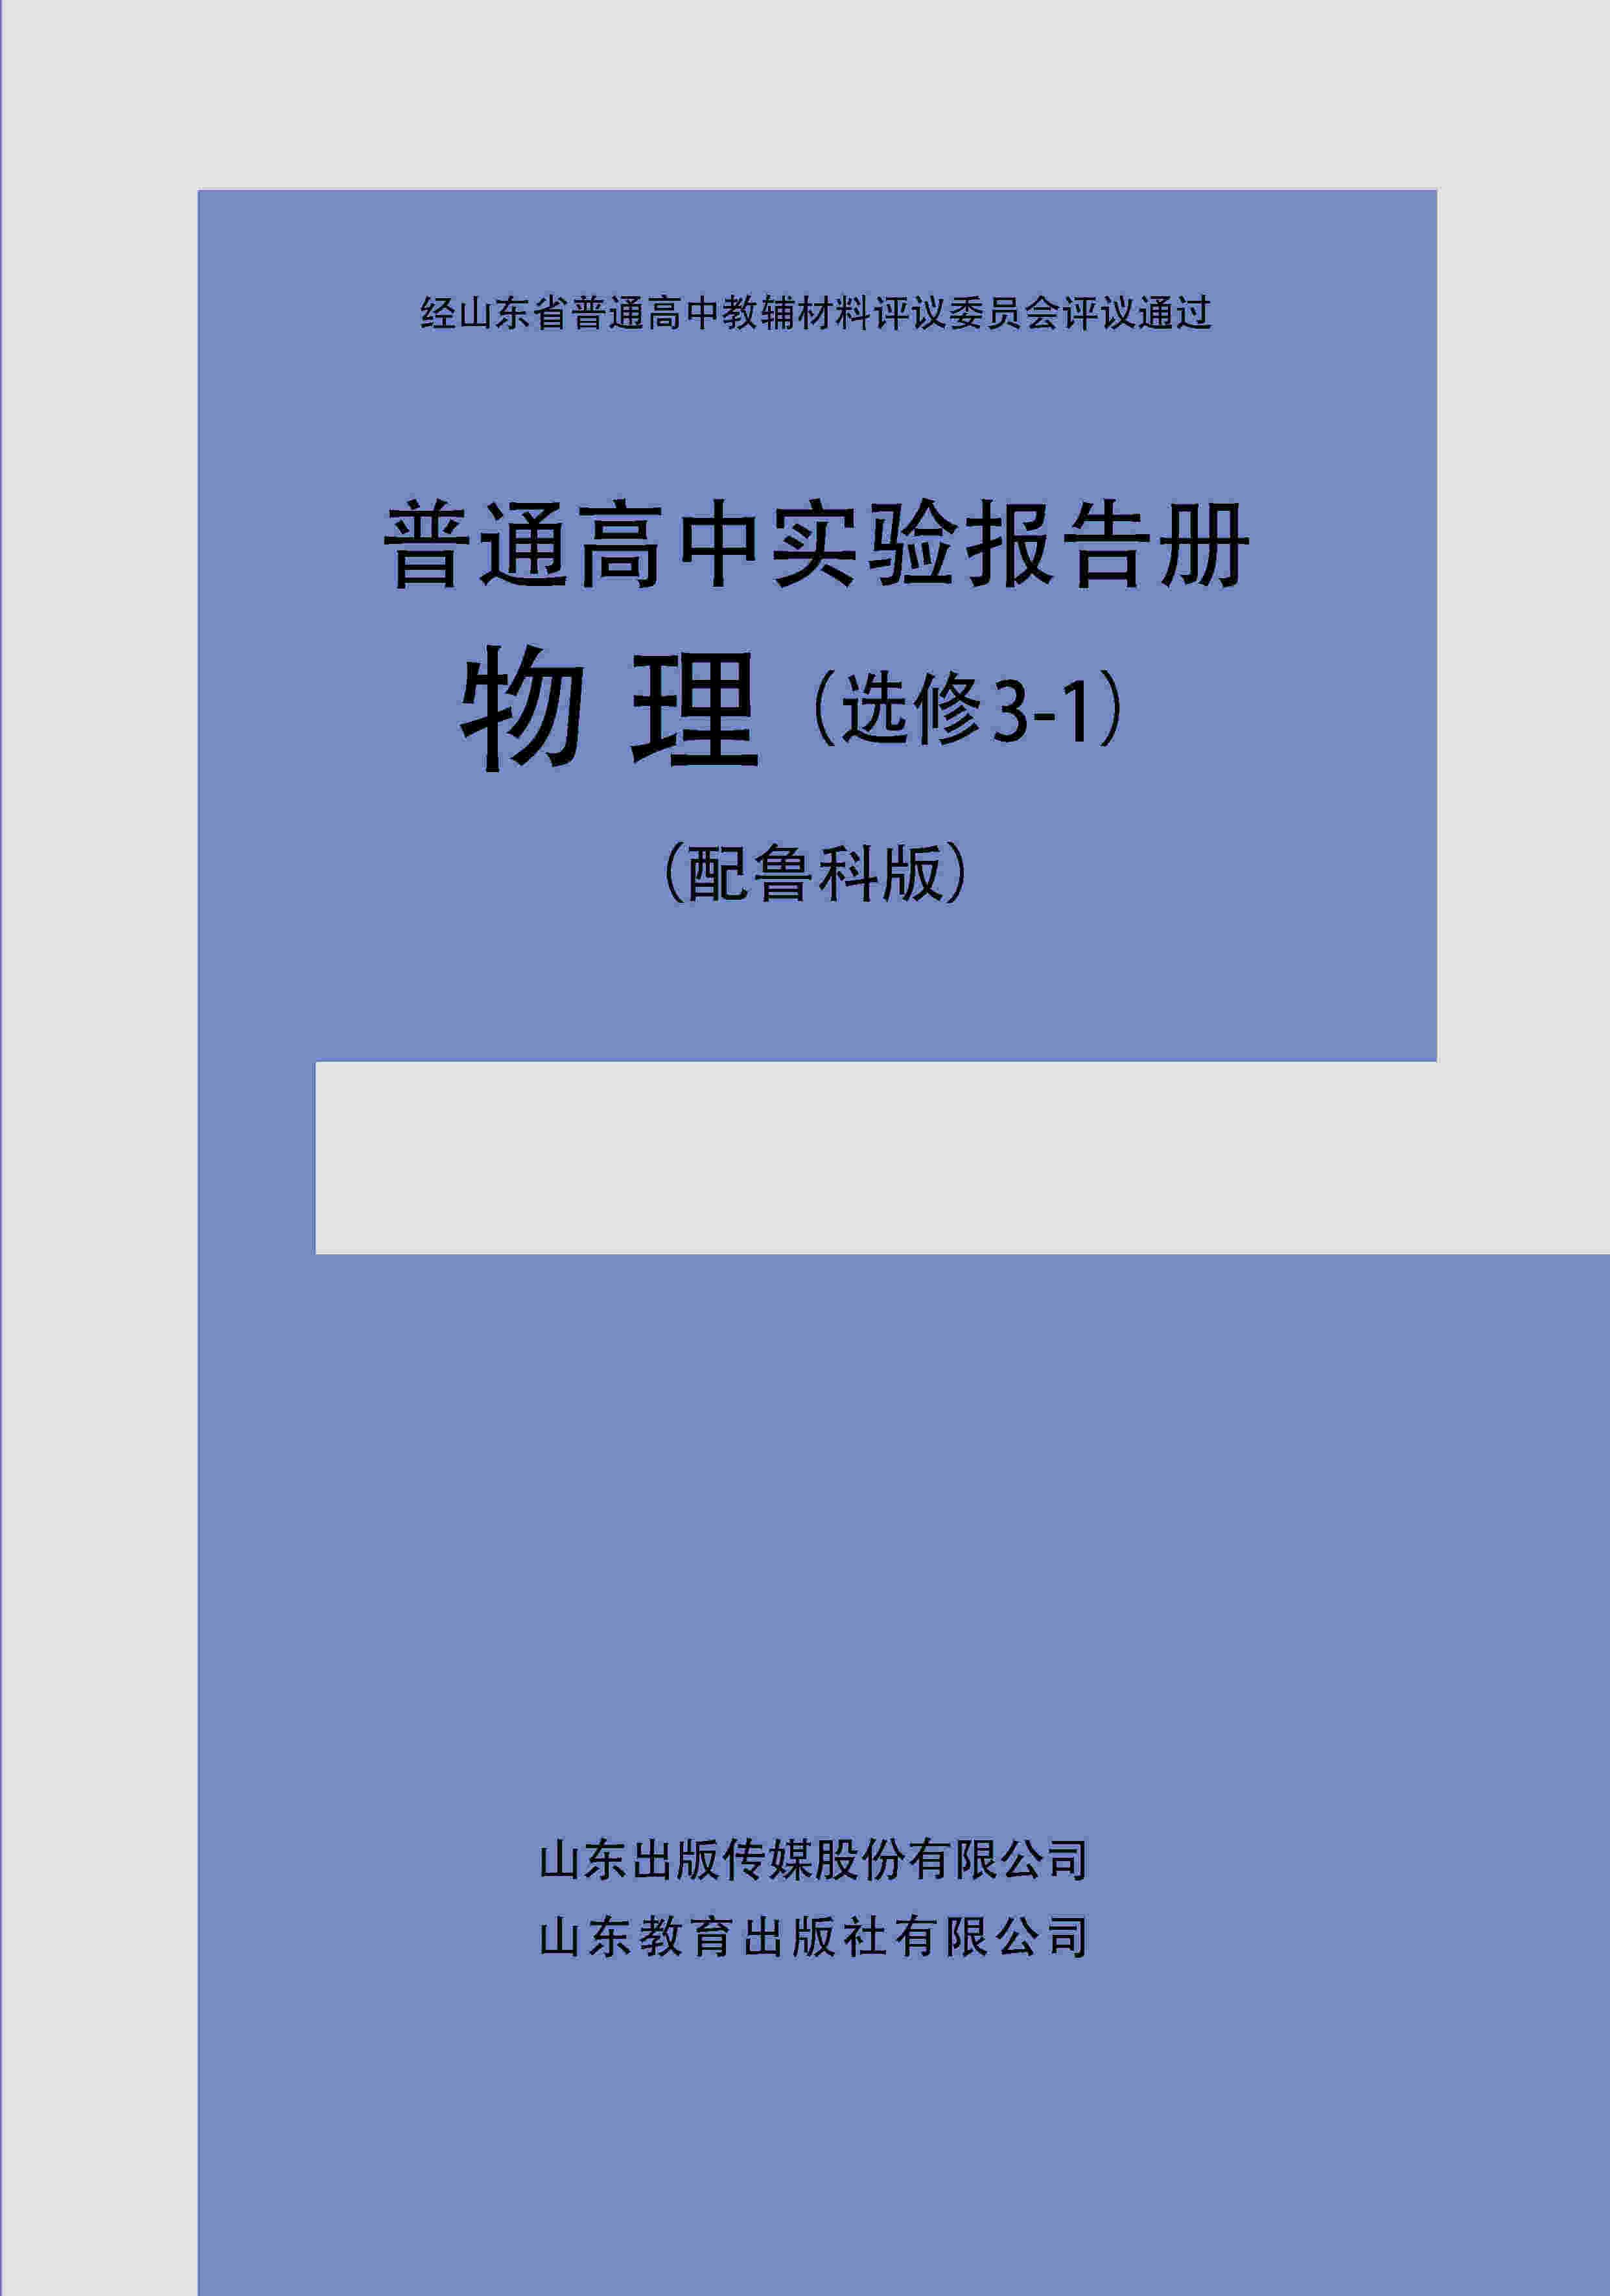 普通高中实验报告册 物理(选修3-1)(配鲁科版)